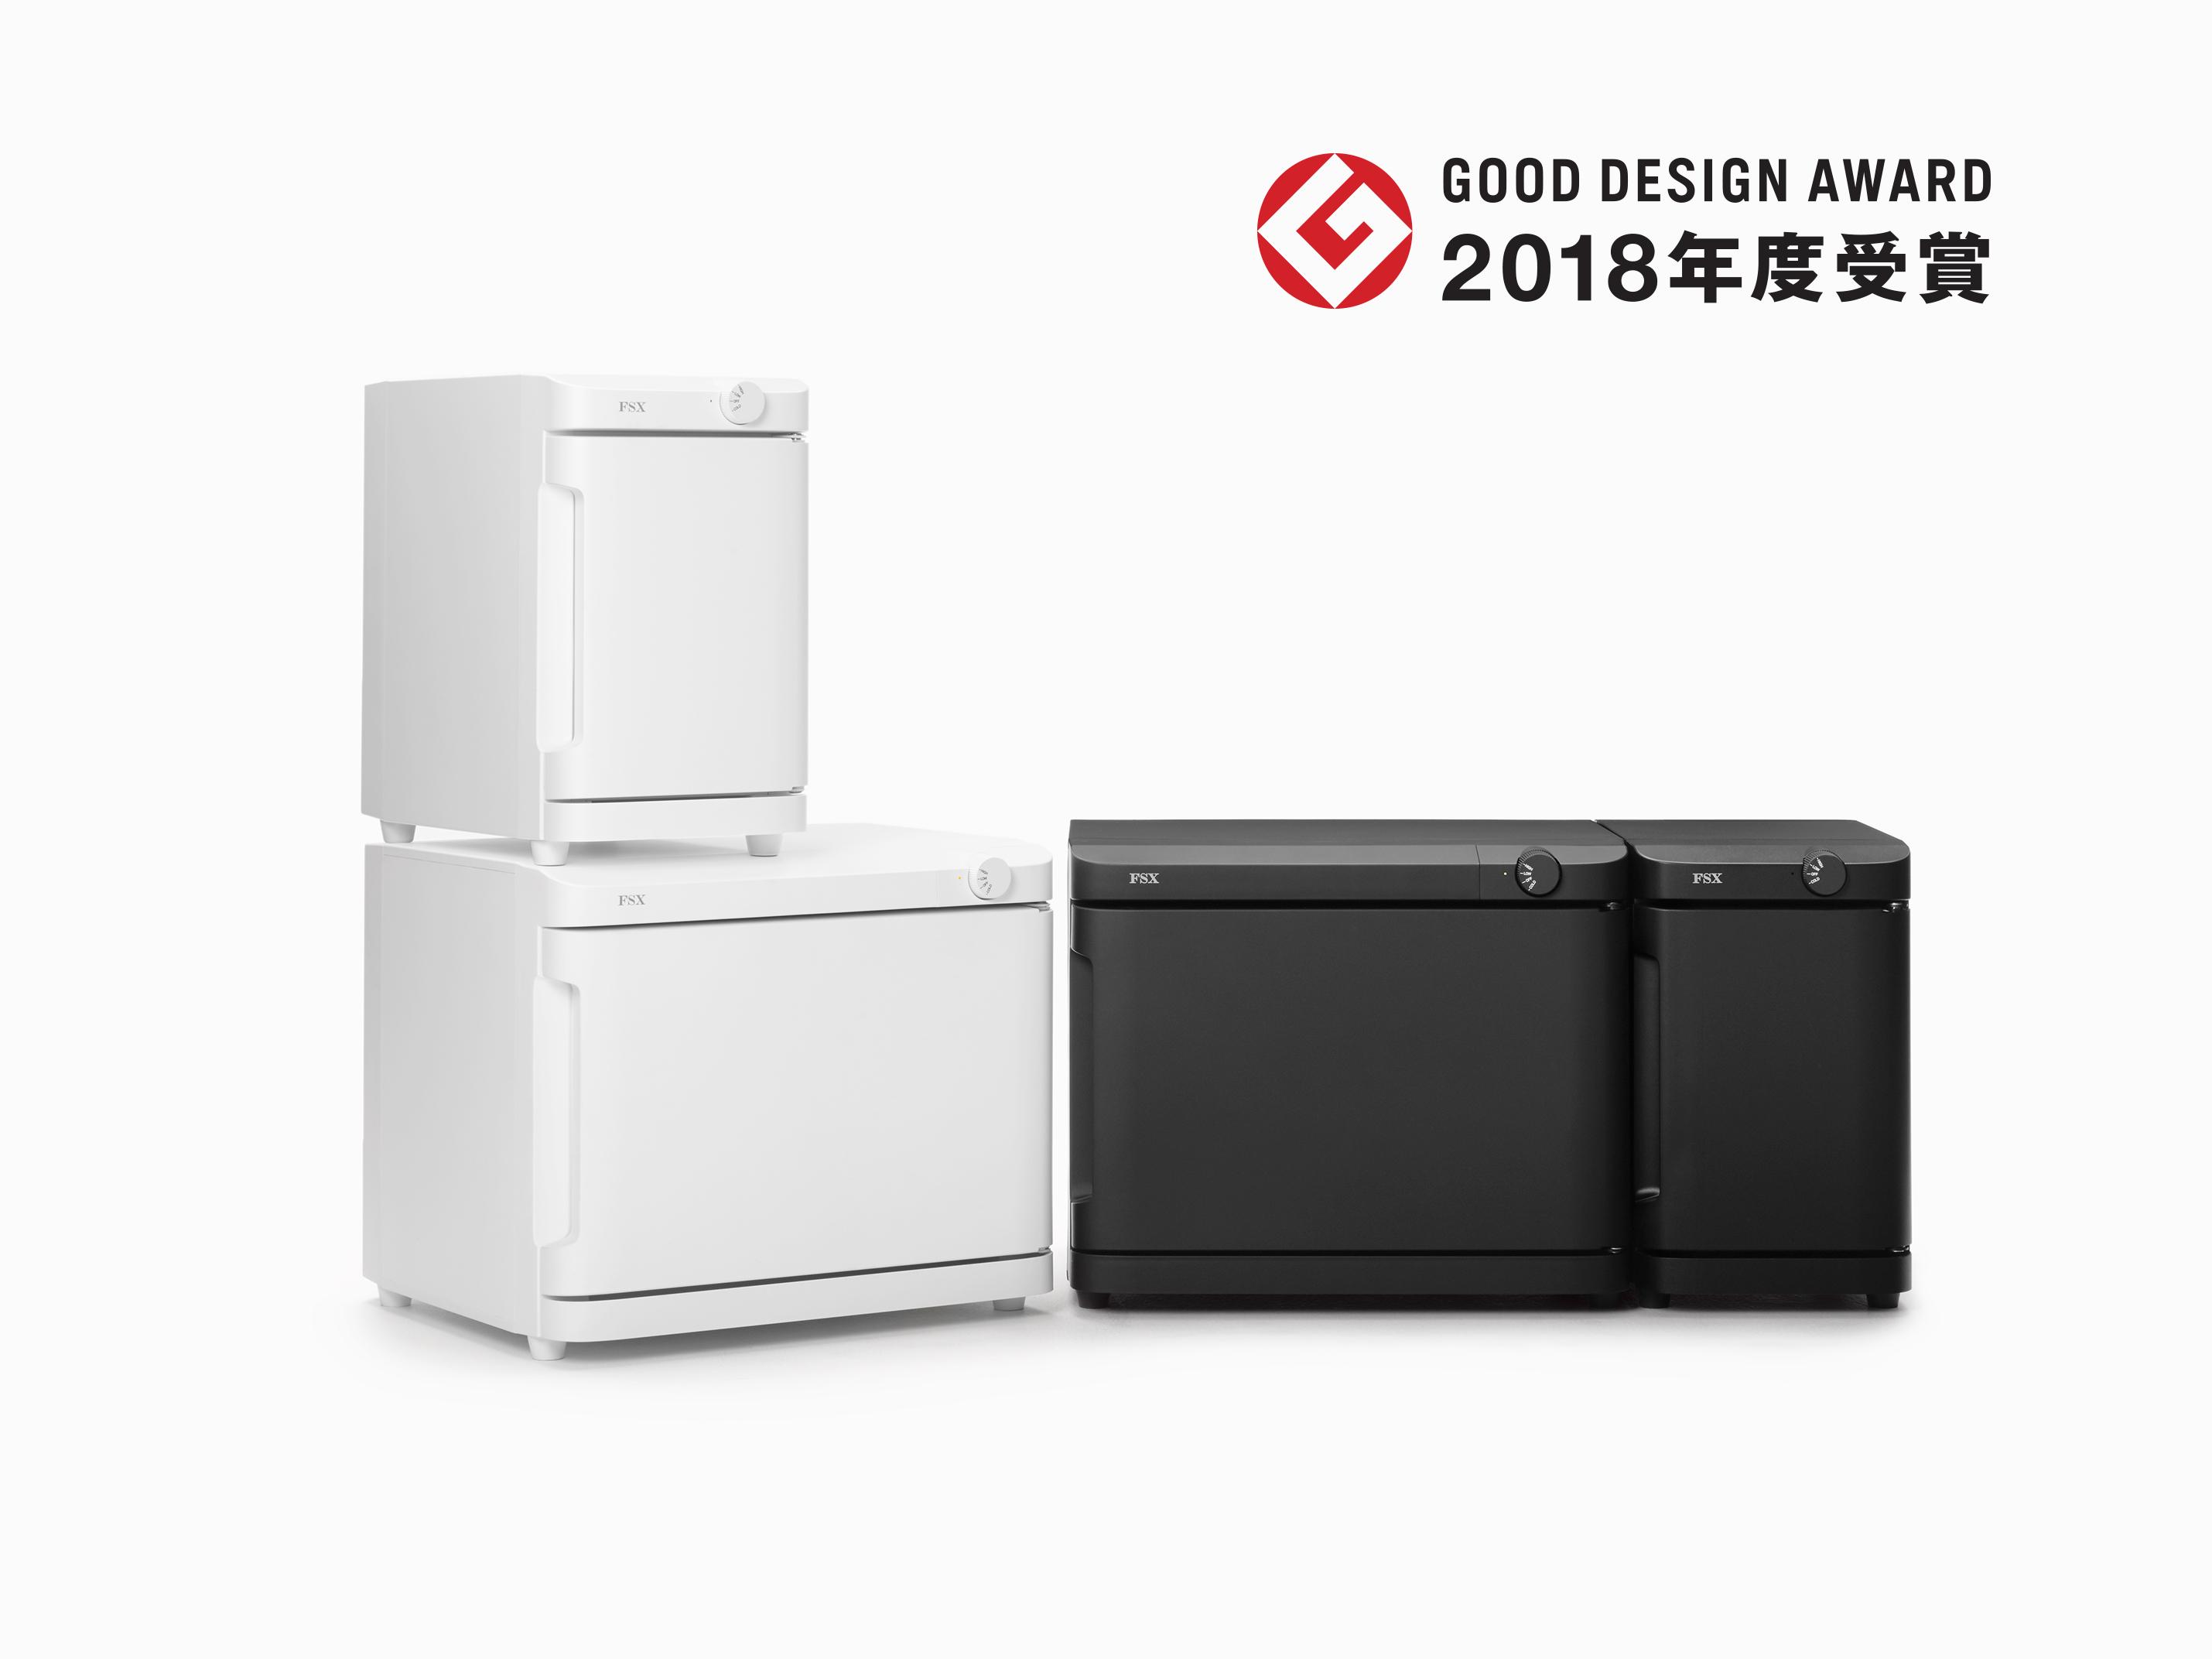 業界初! おしぼり冷温庫『REION(レイオン)』2018年度グッドデザイン賞を受賞